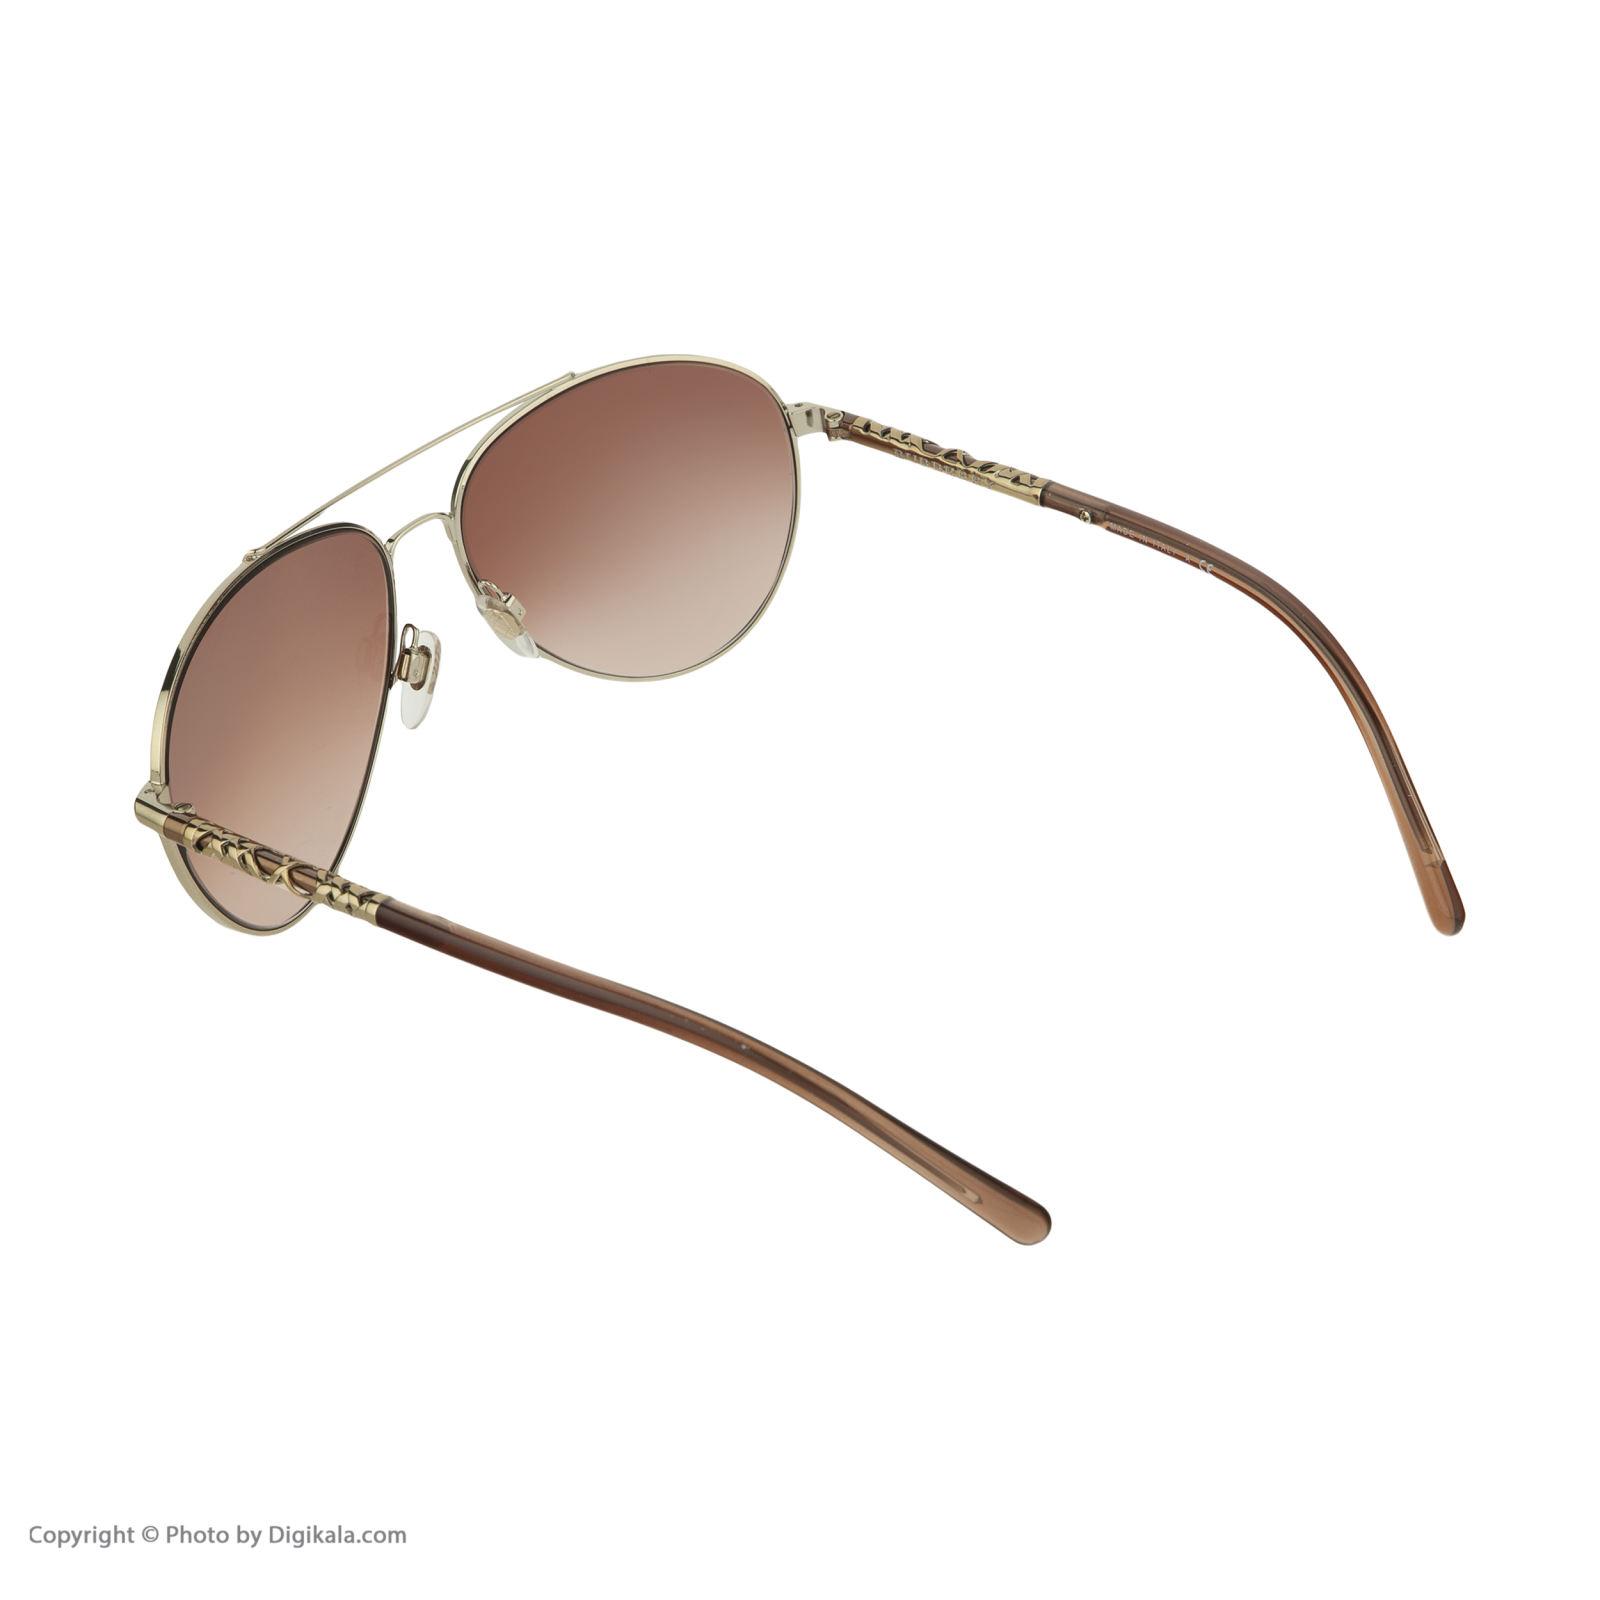 عینک آفتابی زنانه بربری مدل BE 3089S 121613 58 -  - 4